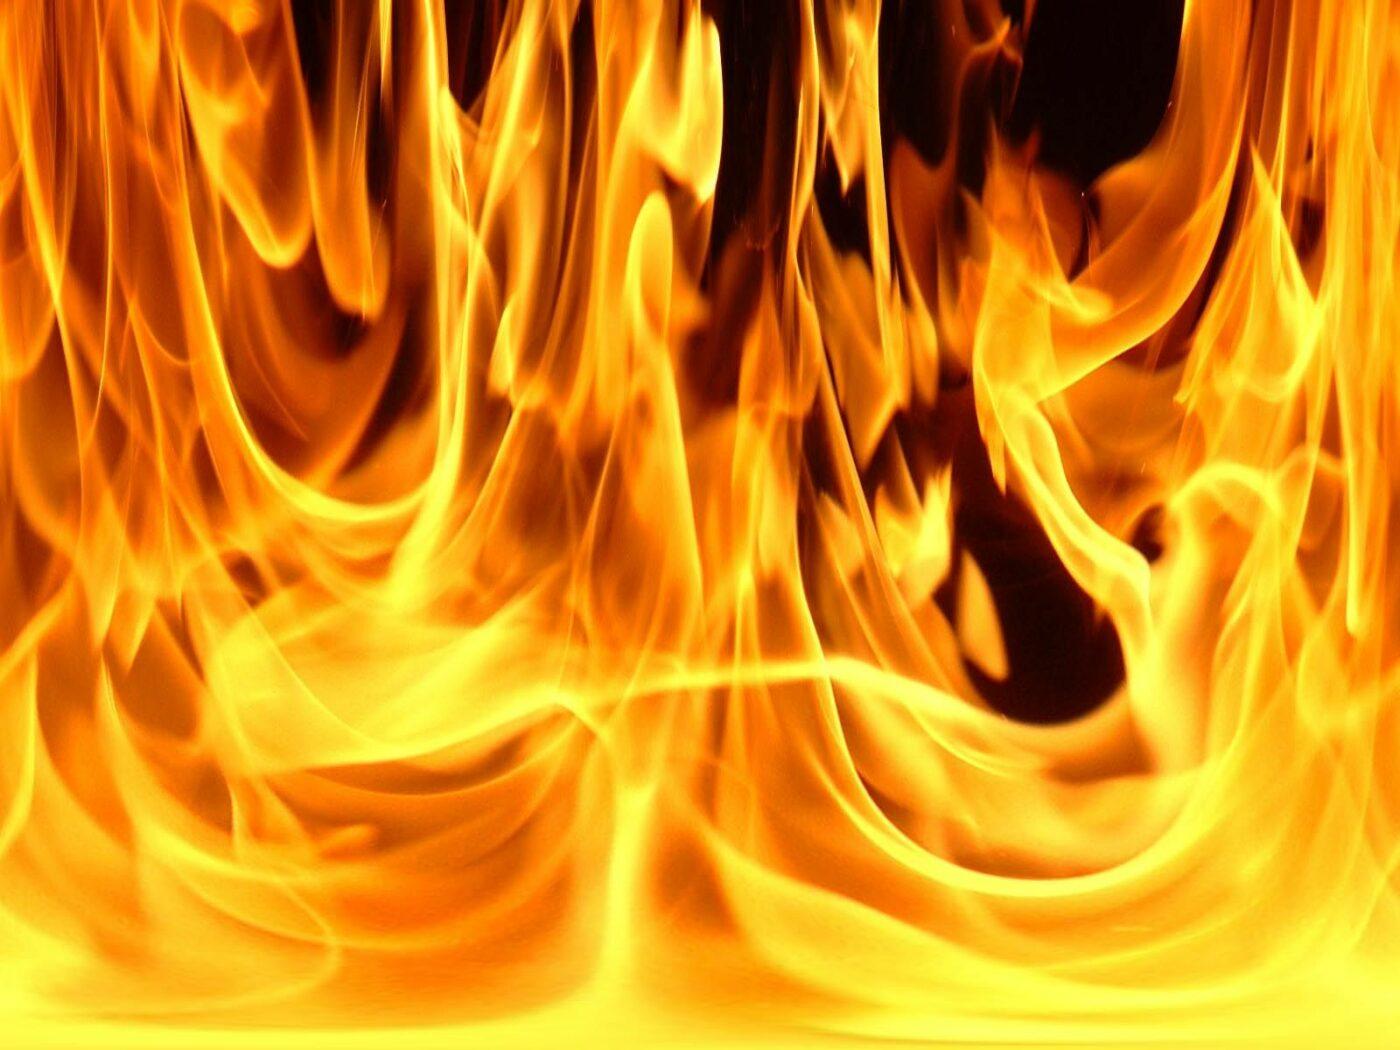 Saiba como funciona o fogo